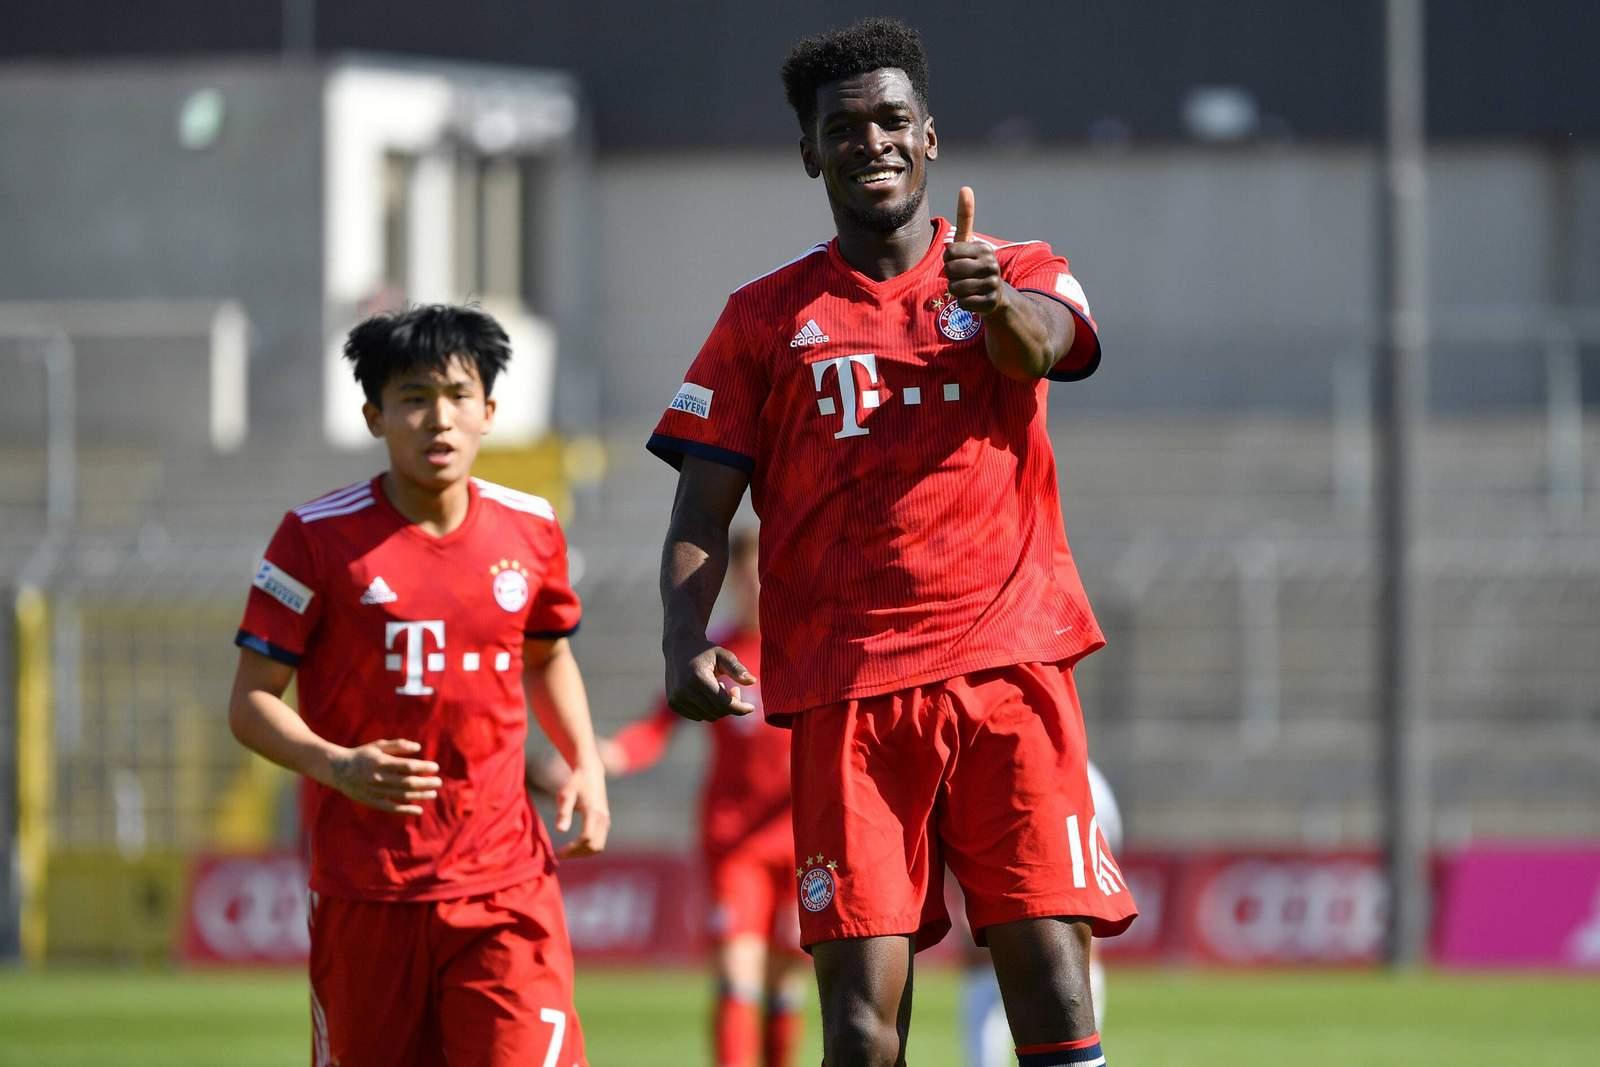 Otschie Wriedt von der Bayern U23